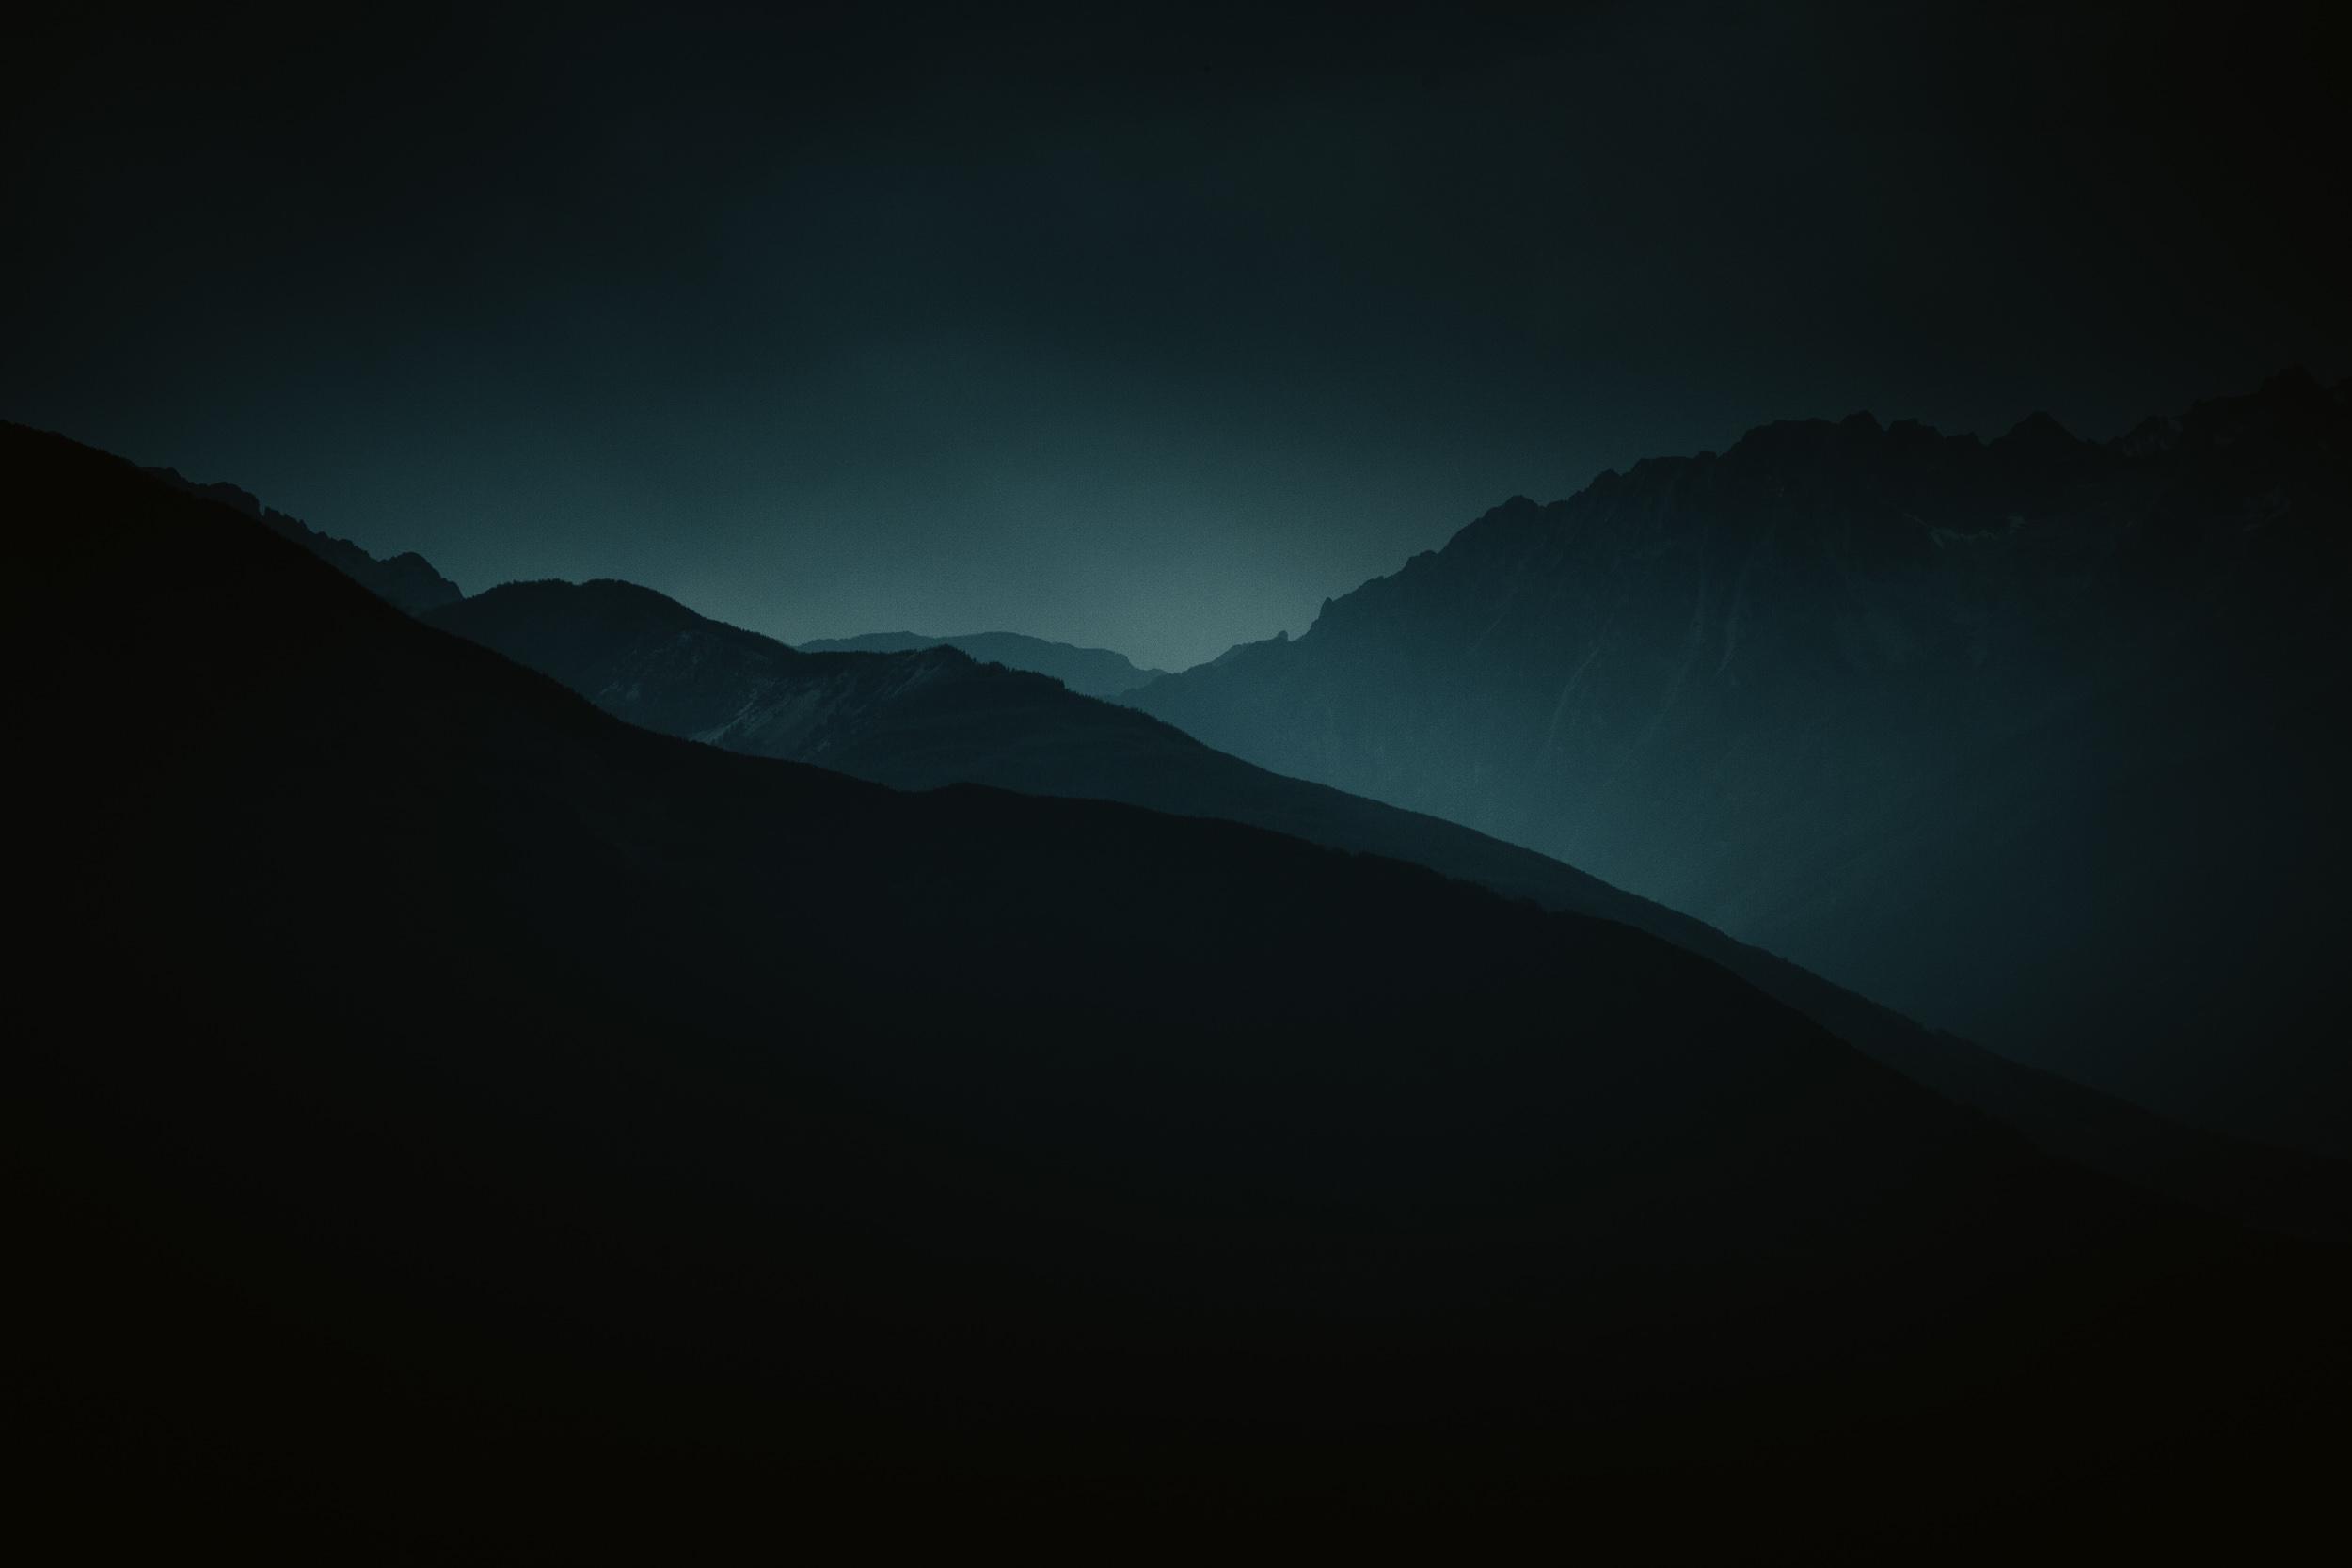 steve_seeley-dark_valley.jpg